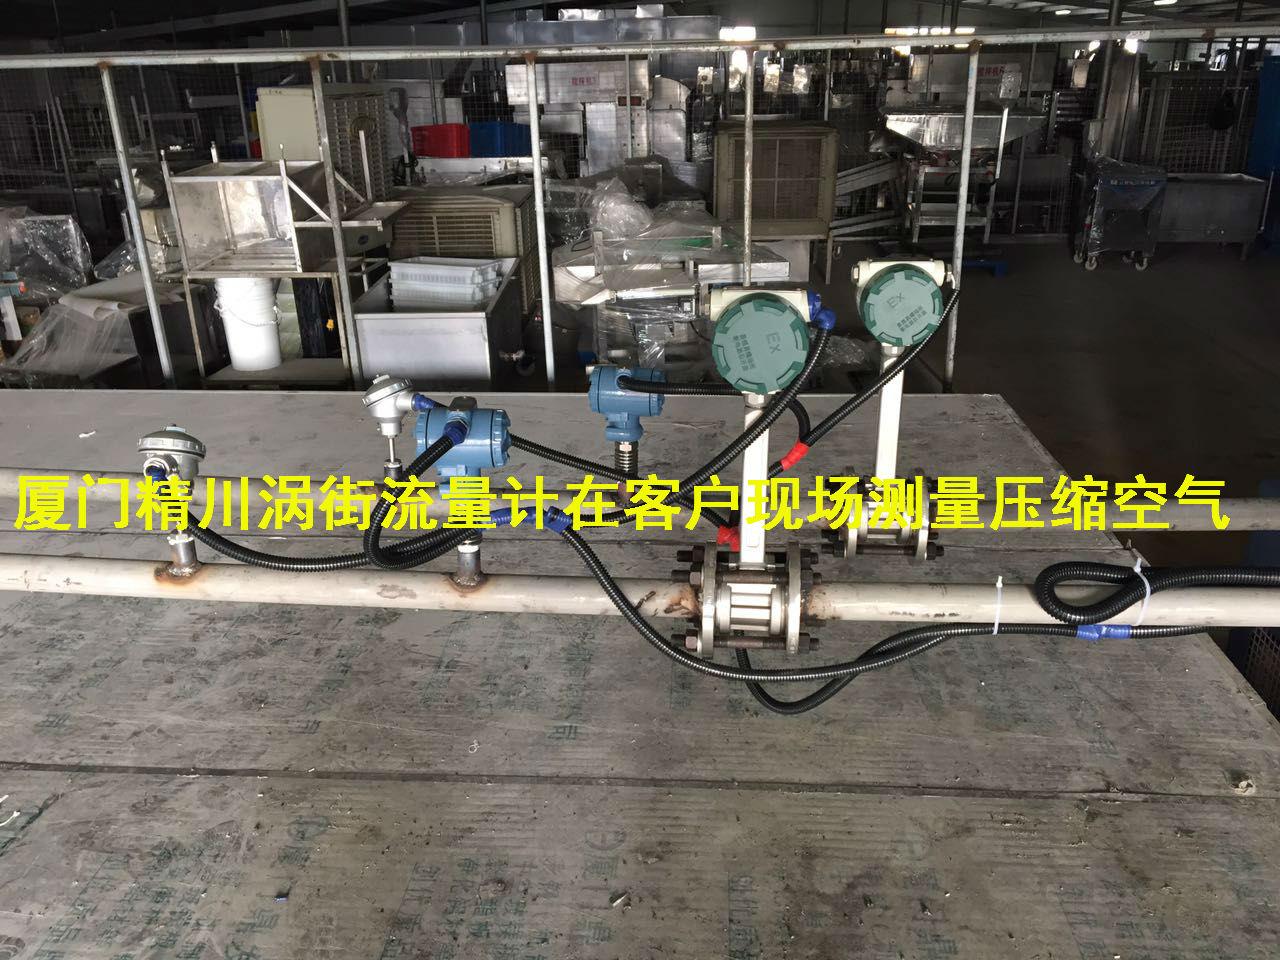 精川与食品厂合作压缩空气流量计测量效果让客户对精川刮目相看